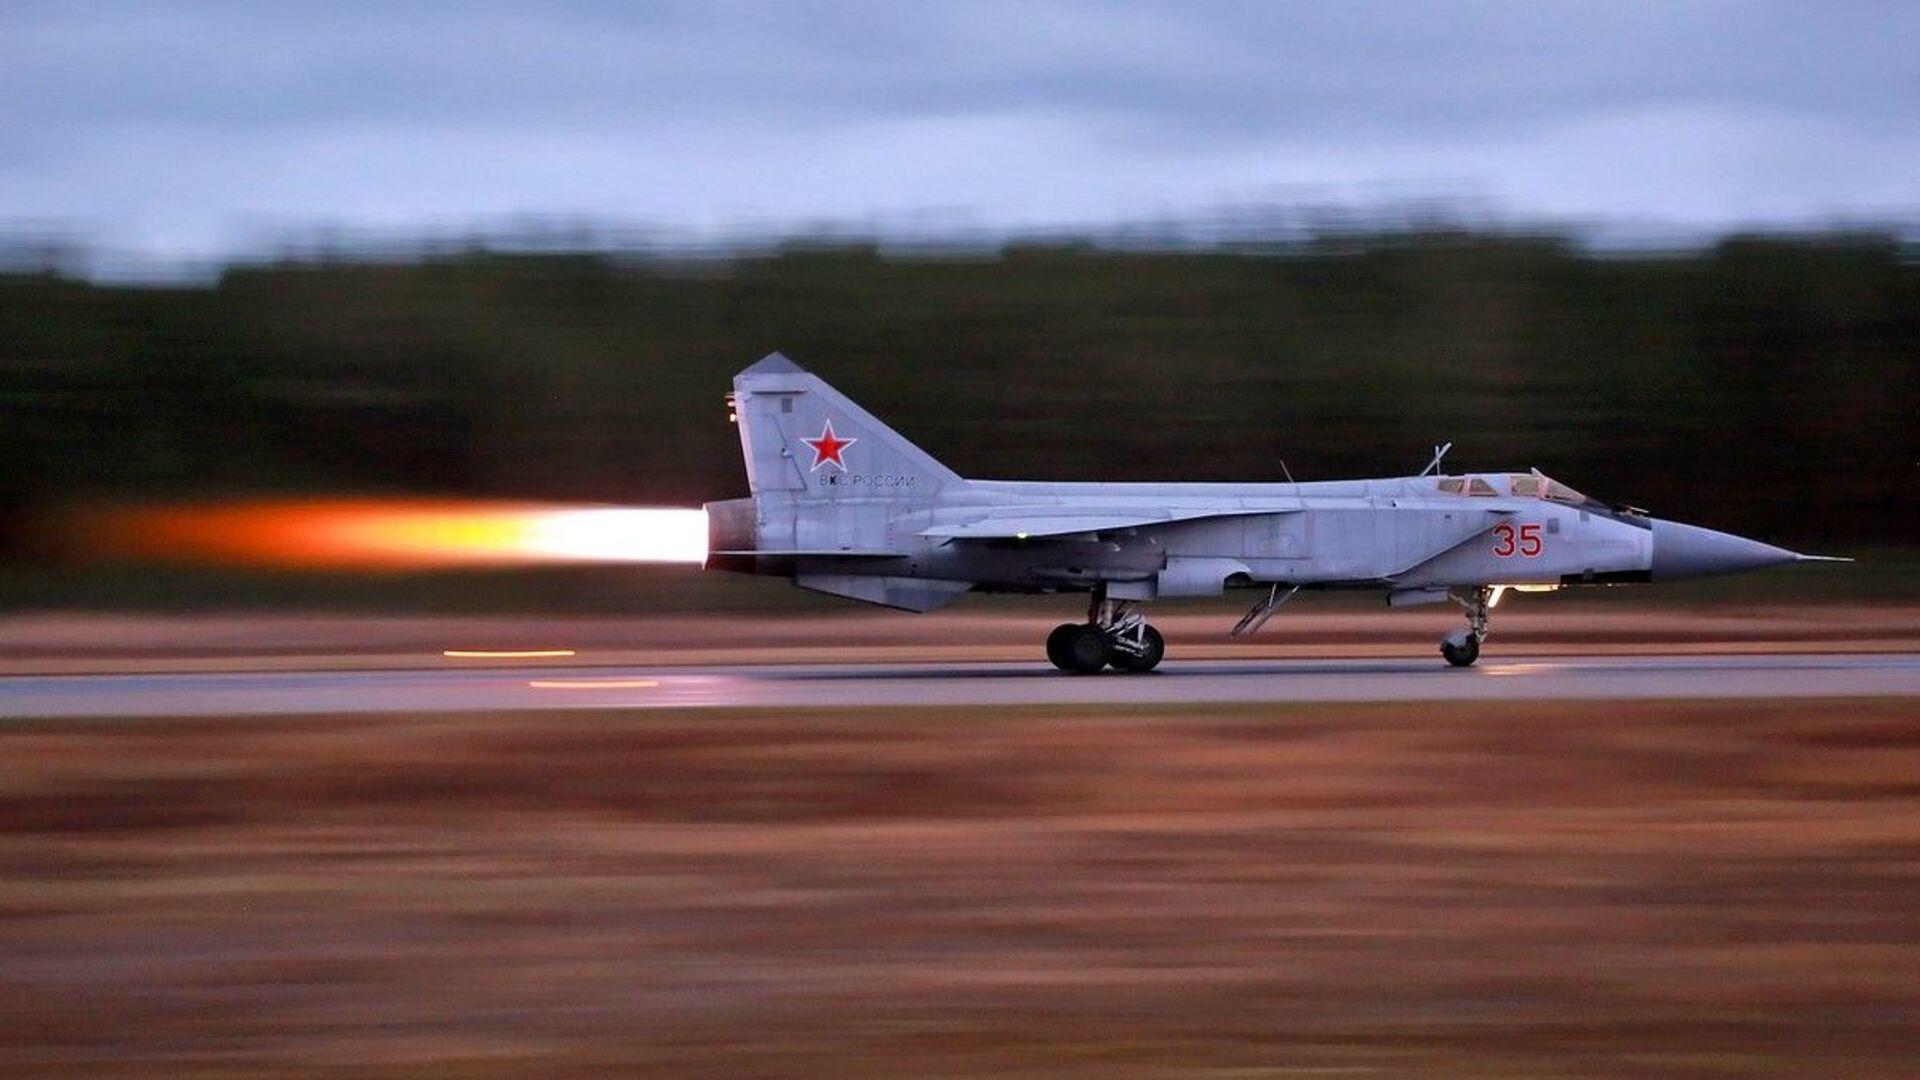 Loty szkoleniowe Su-35 i MiG-31 w obwodzie twerskim - Sputnik Polska, 1920, 16.06.2021